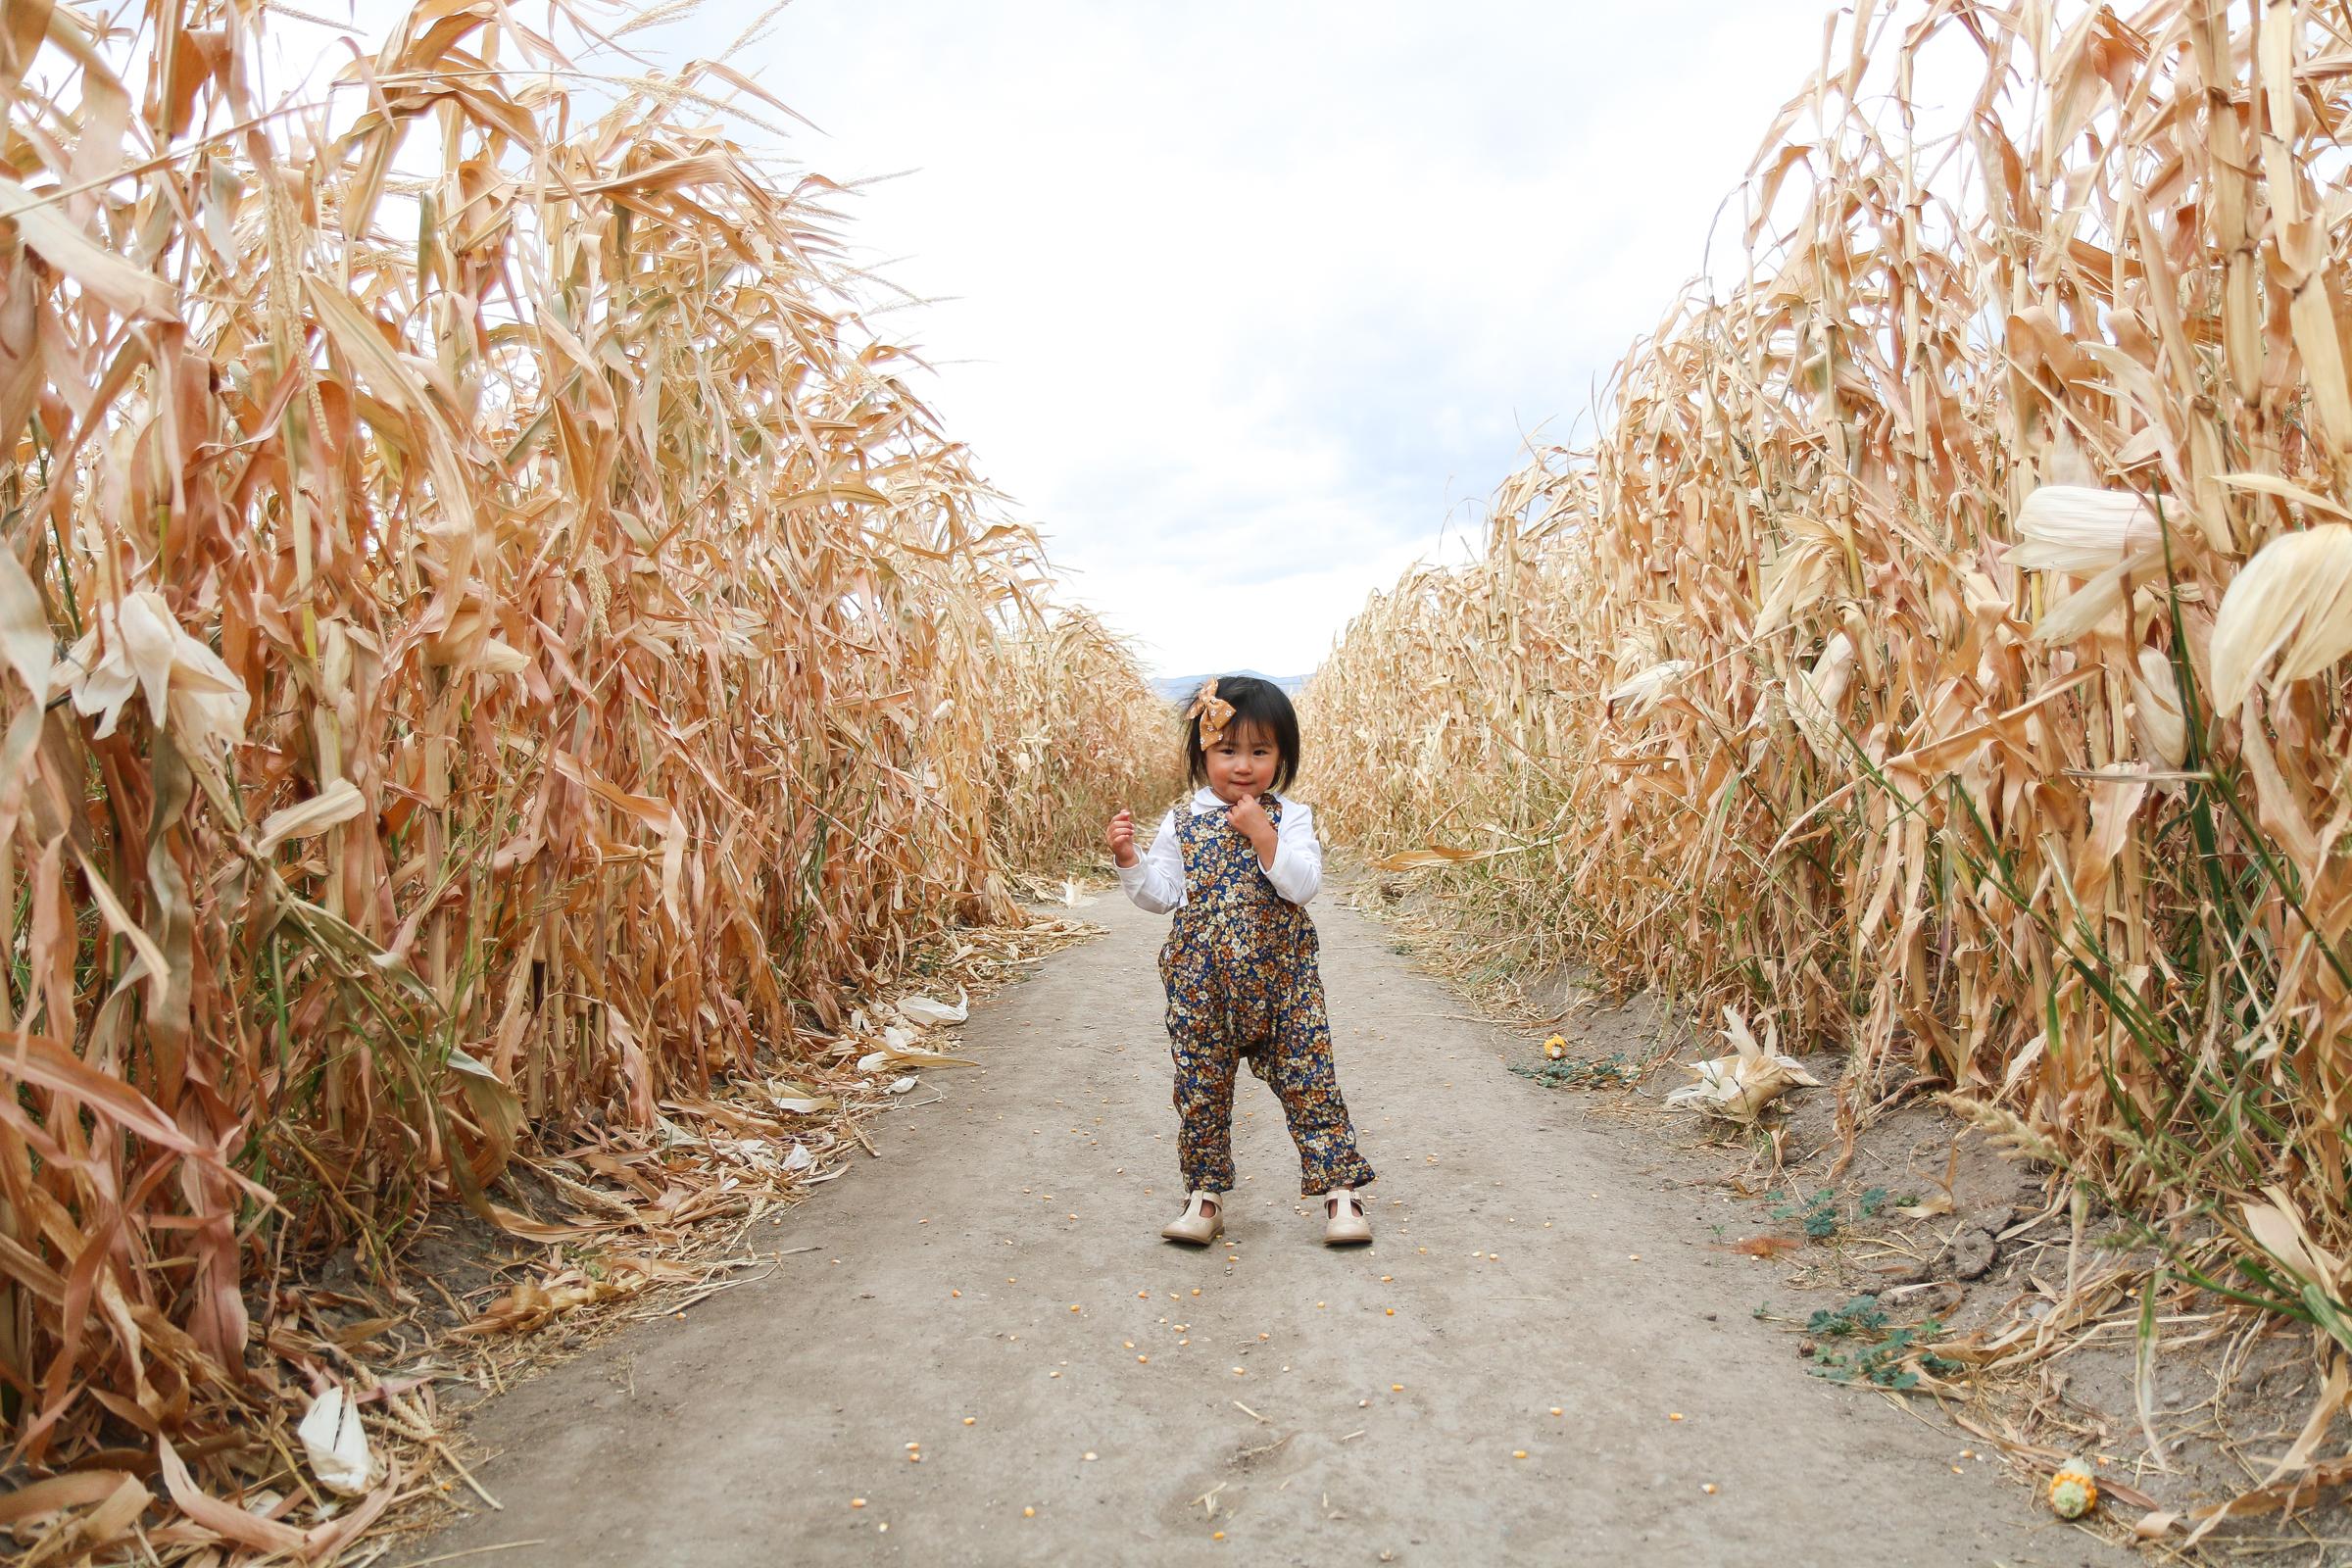 Toddler girl fashion in corn maze